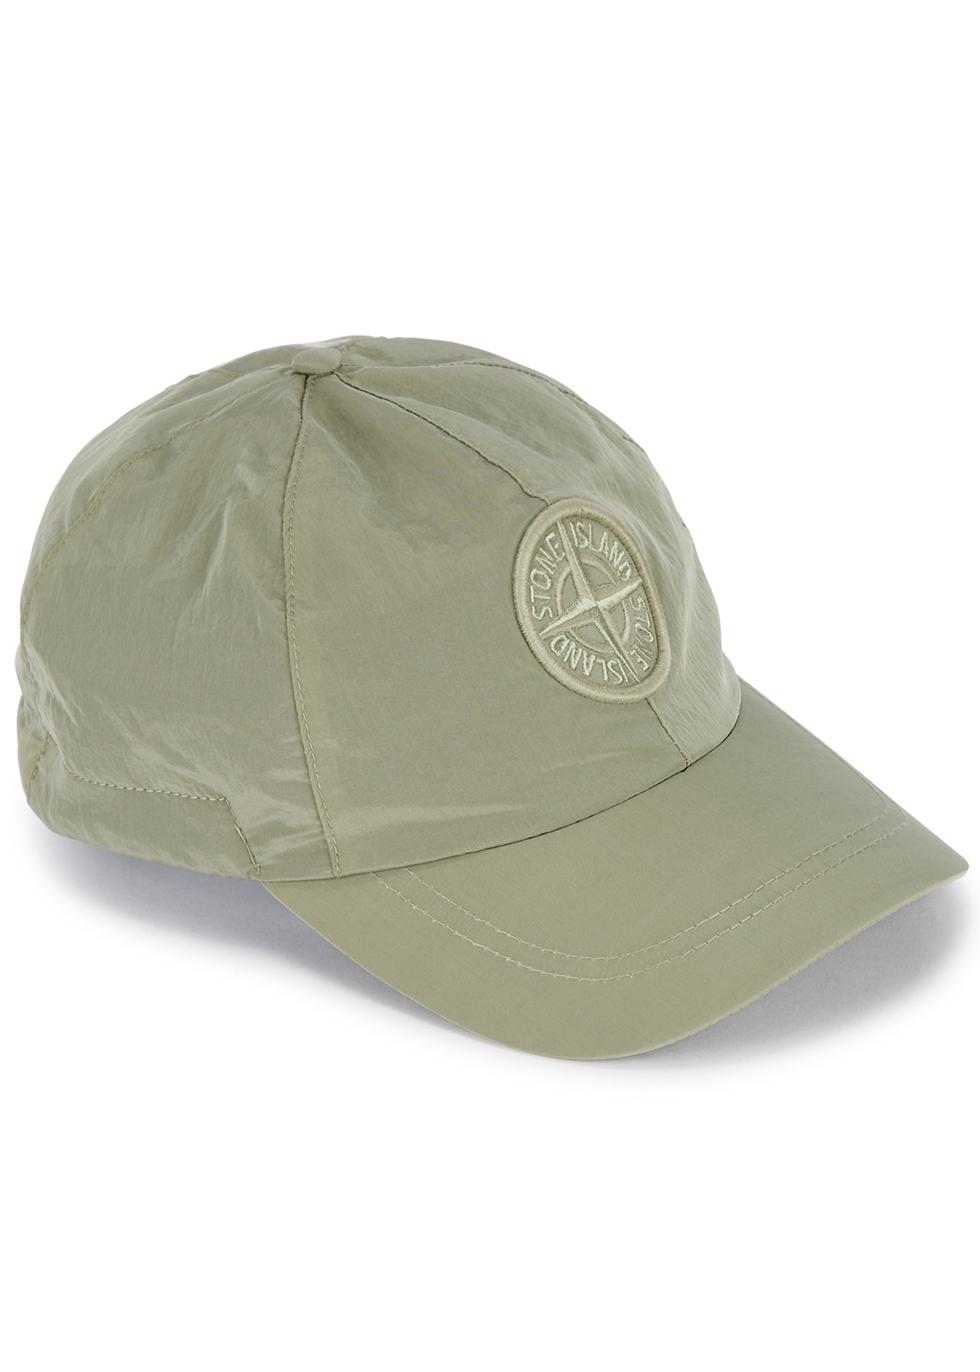 b51cc8e993443 Men s Designer Hats - Harvey Nichols